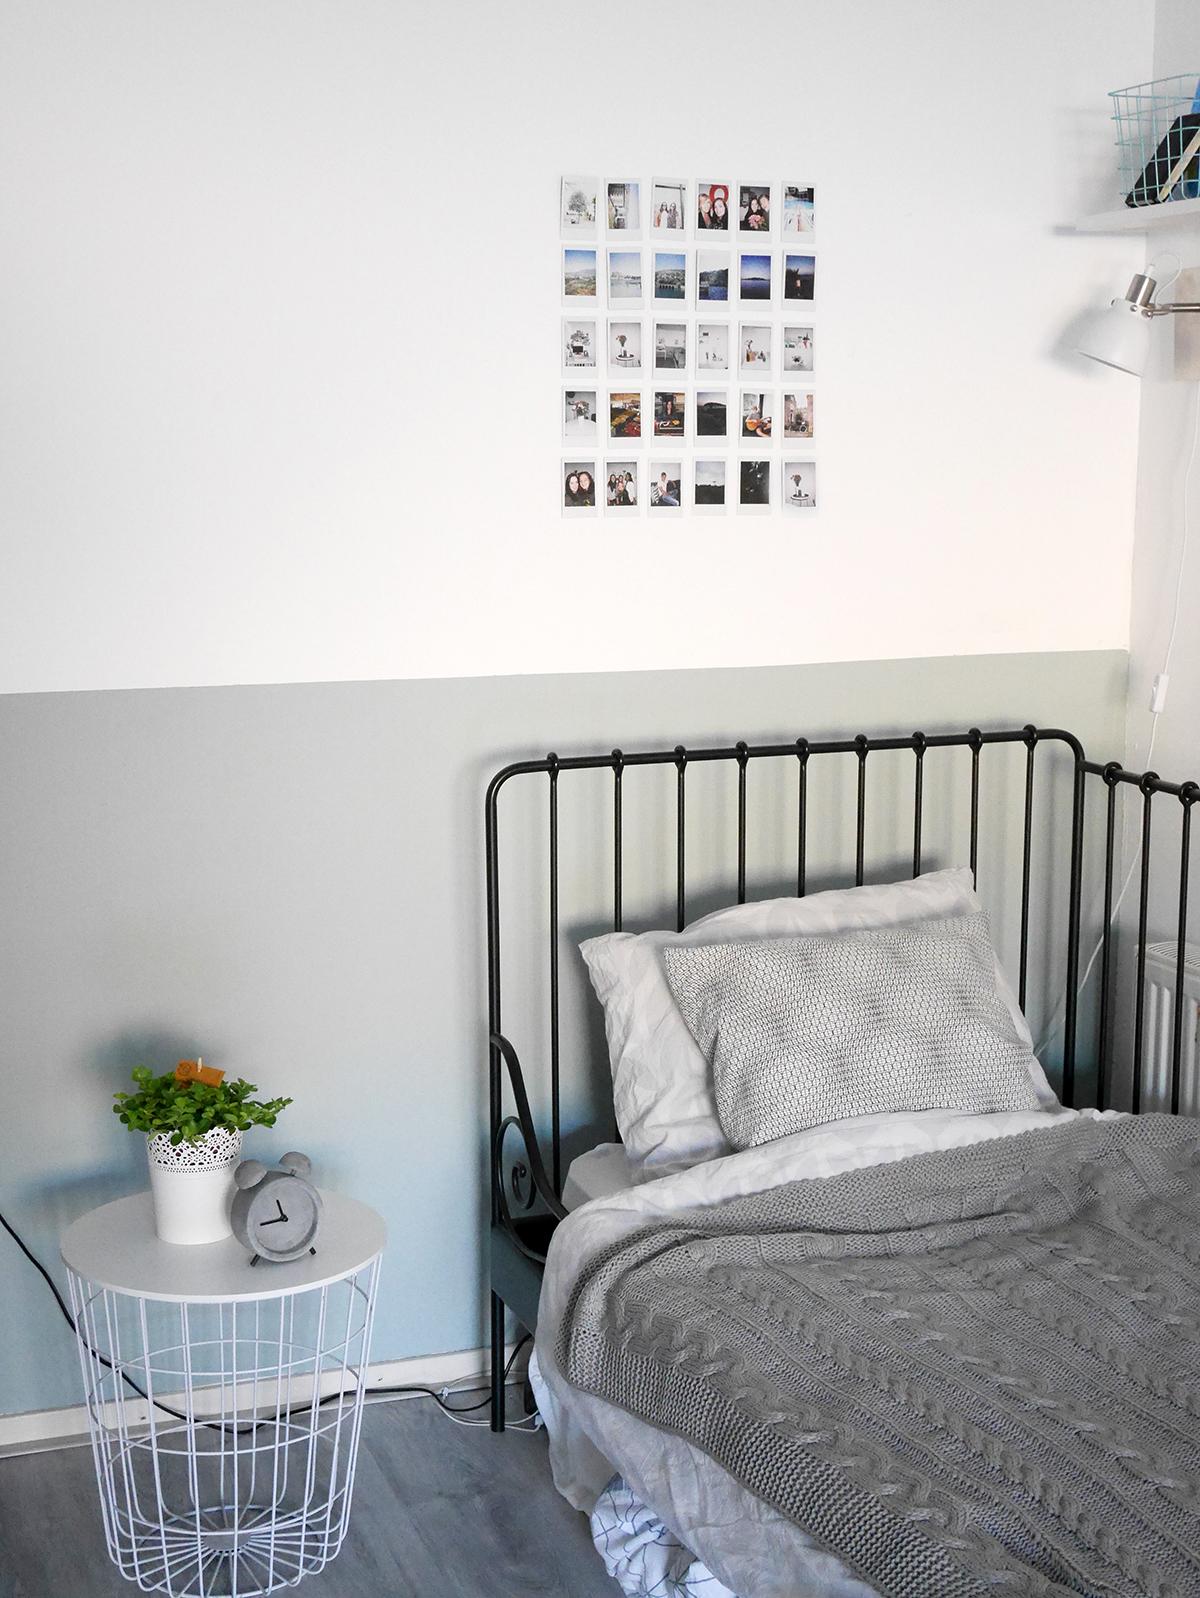 flexa early dew kopen : Mini Room Makeover Een Nieuwe Kleur Op De Muur The Budget Life